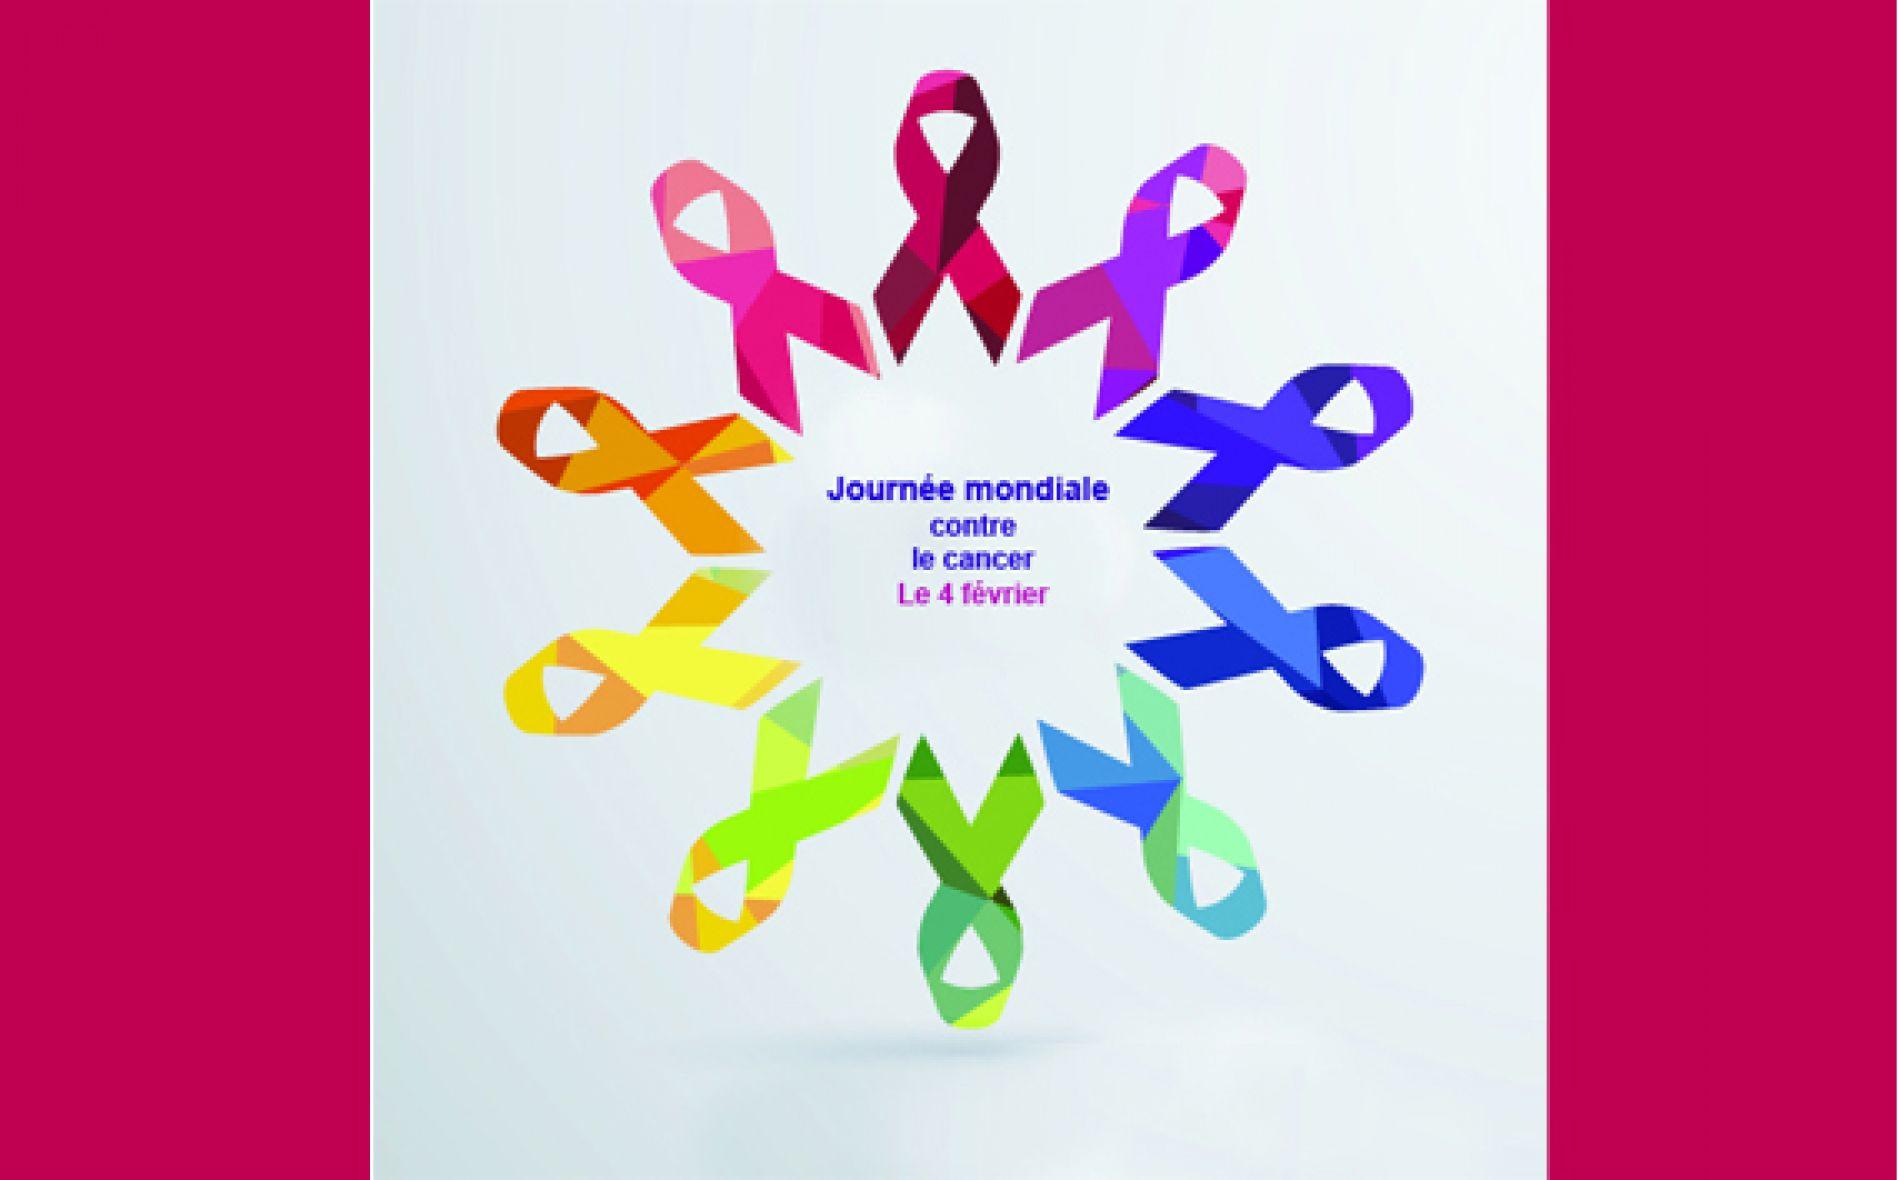 Journée mondiale contre le cancer du 4 février : quelle prévention et quels dépistages ?